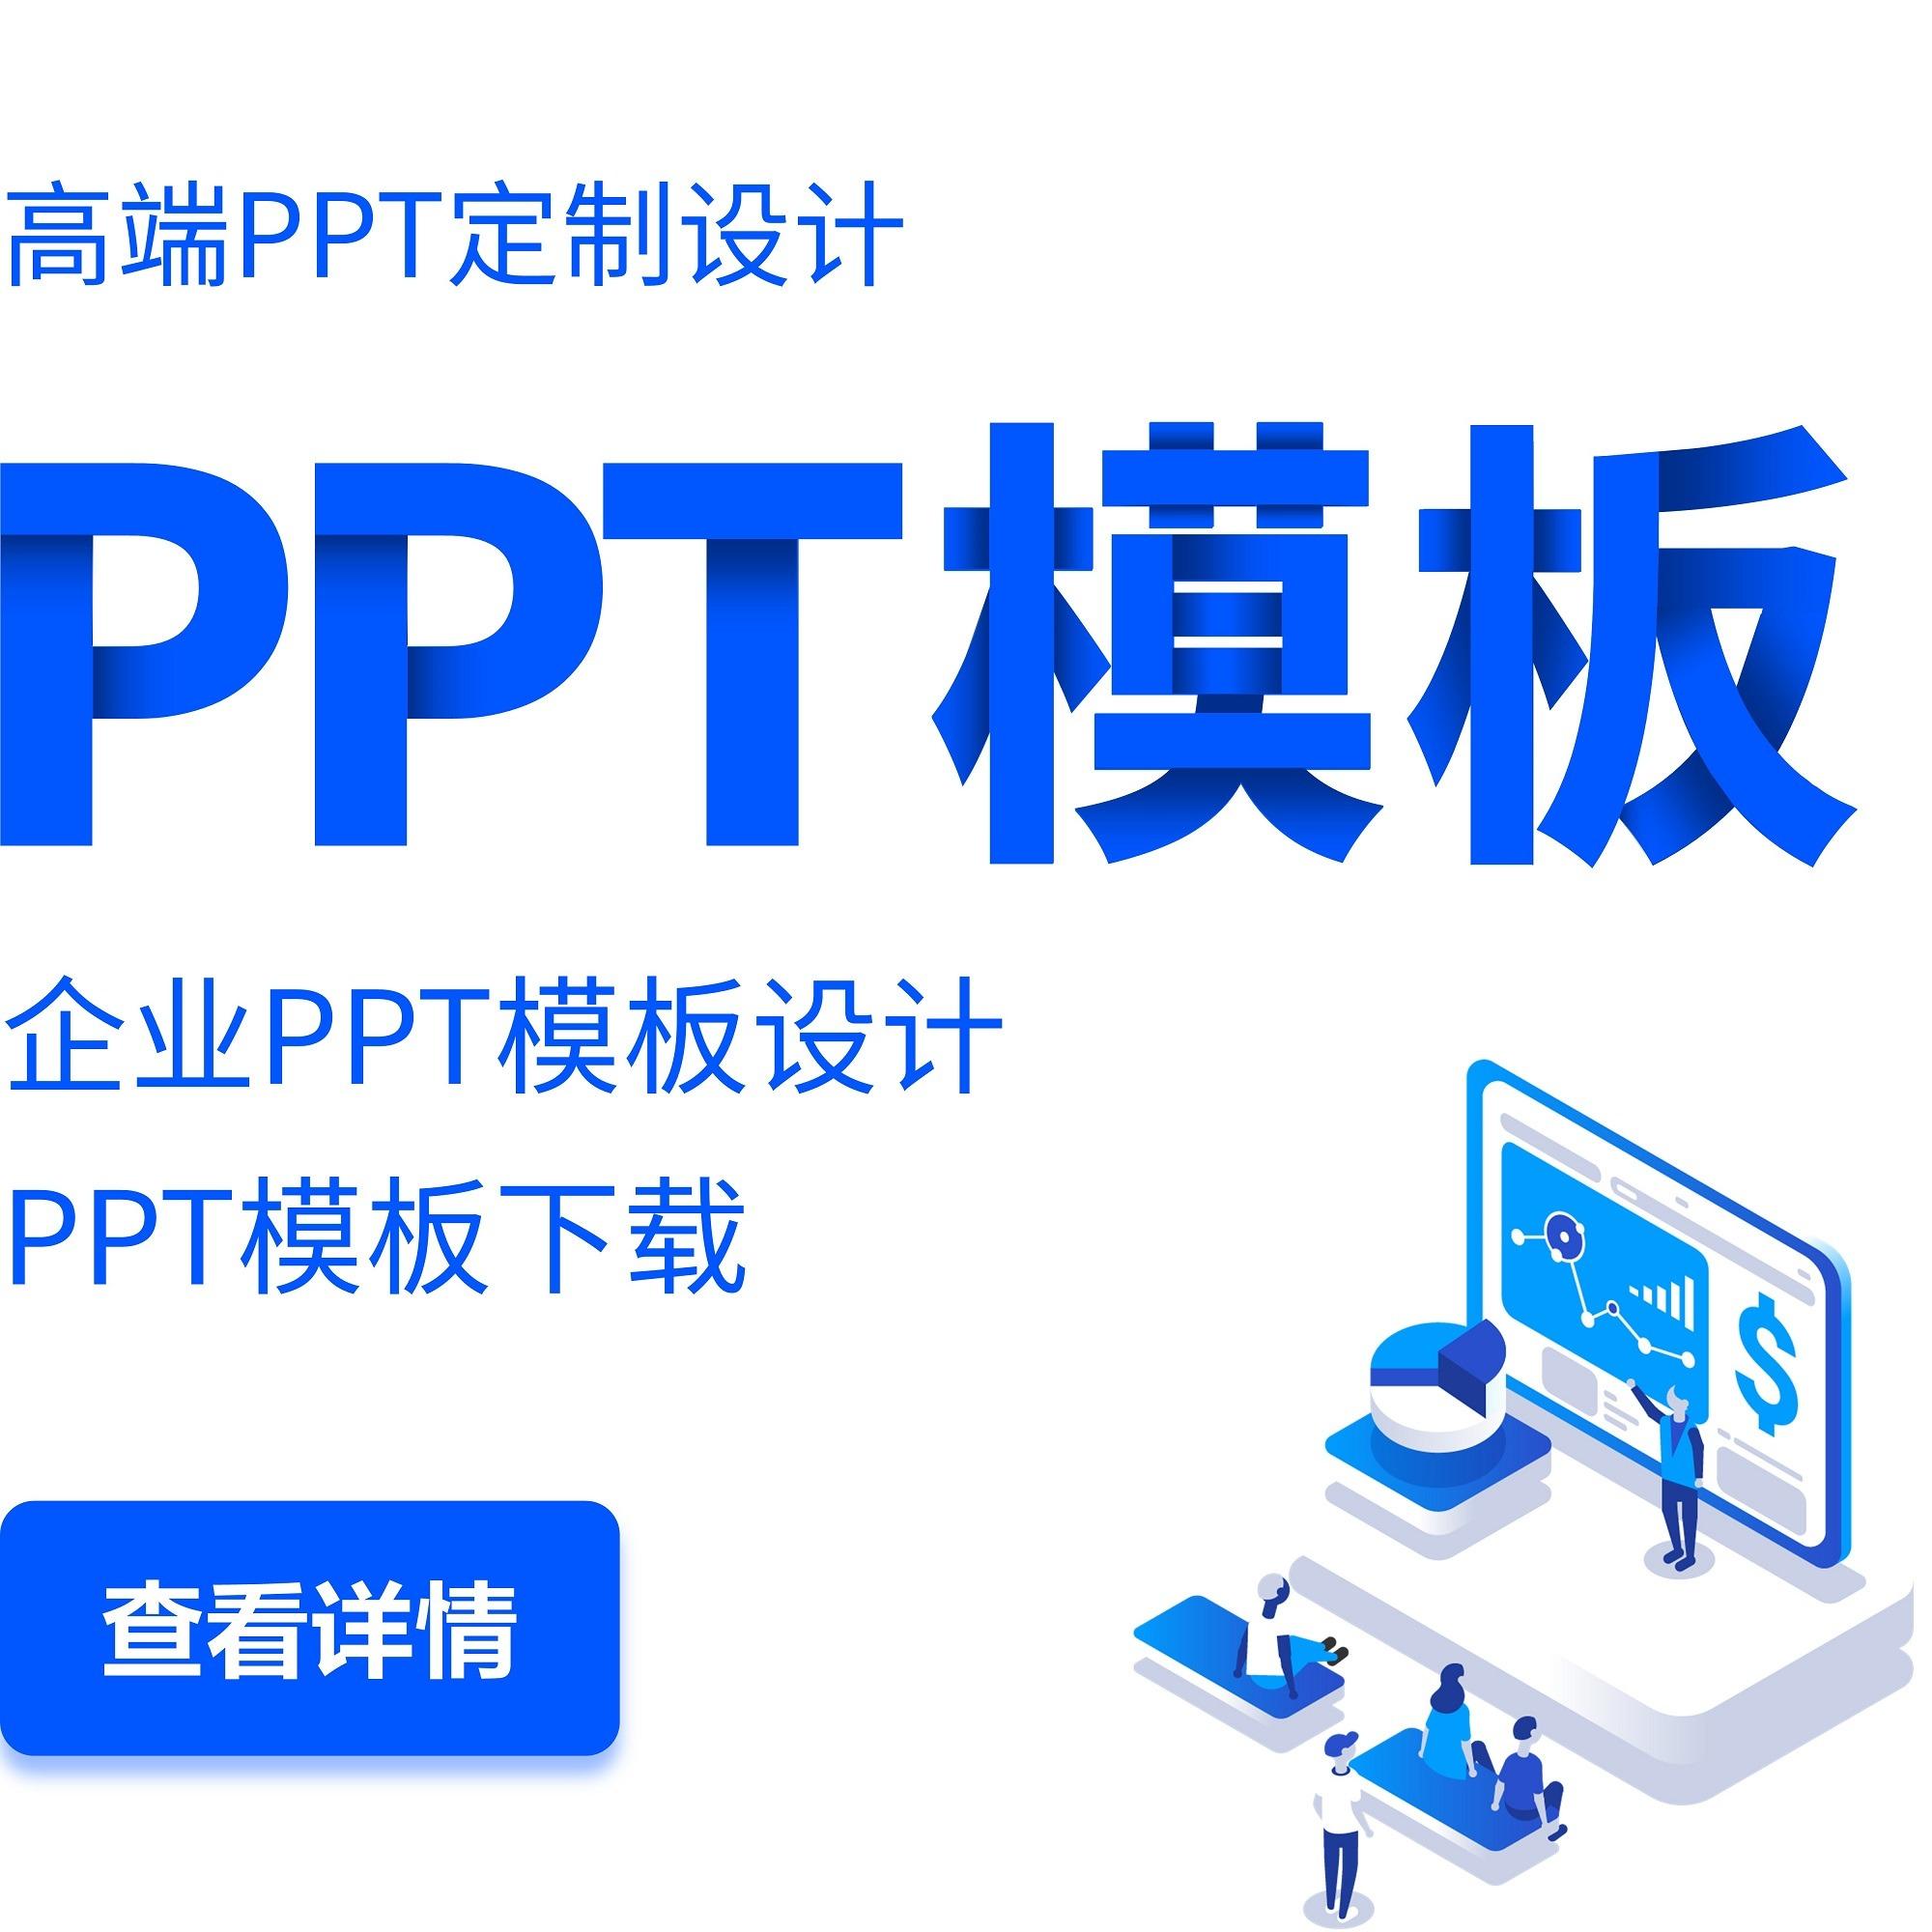 企业PPT模板PPT模板定制 PPT模板设计 PPT模板下载